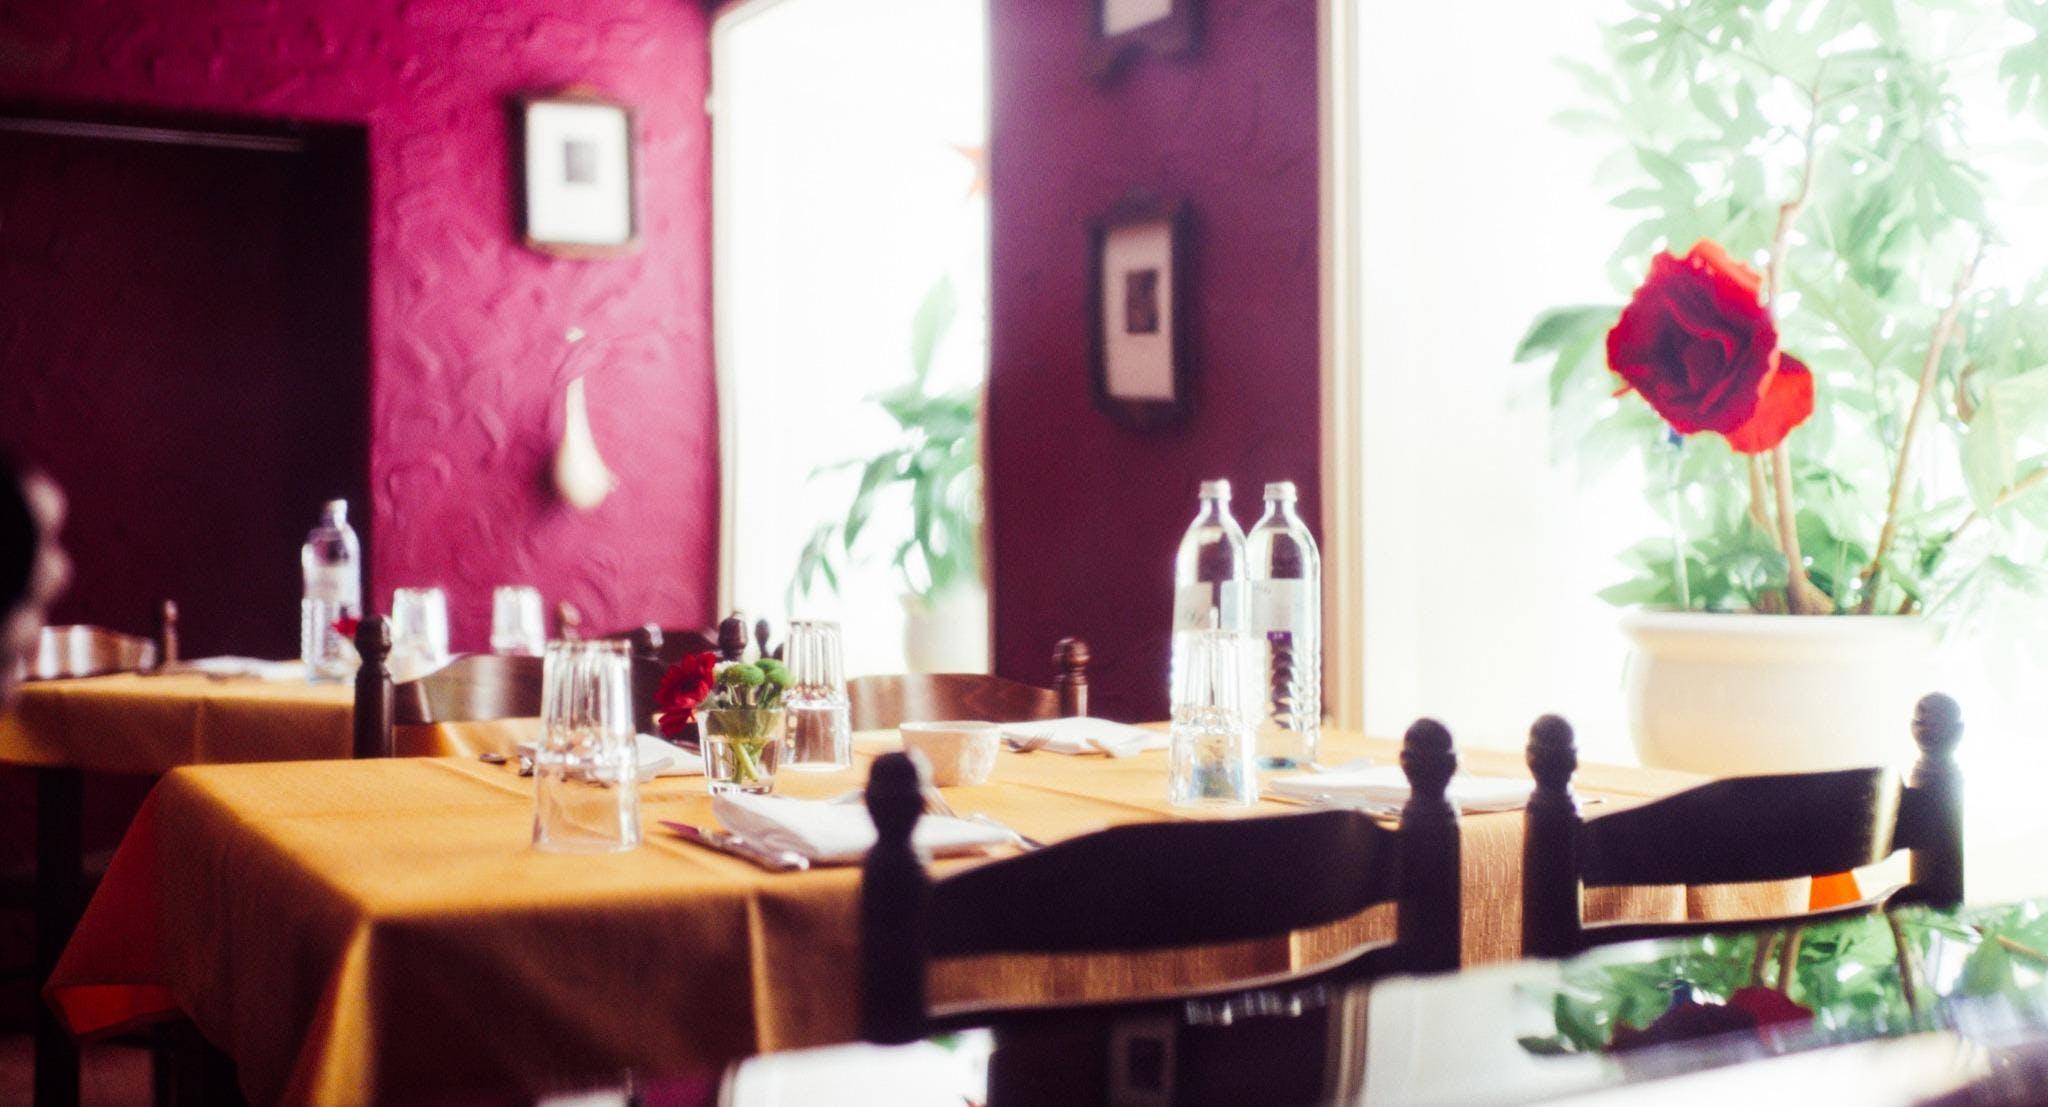 Restaurant 1070 Vienna image 1